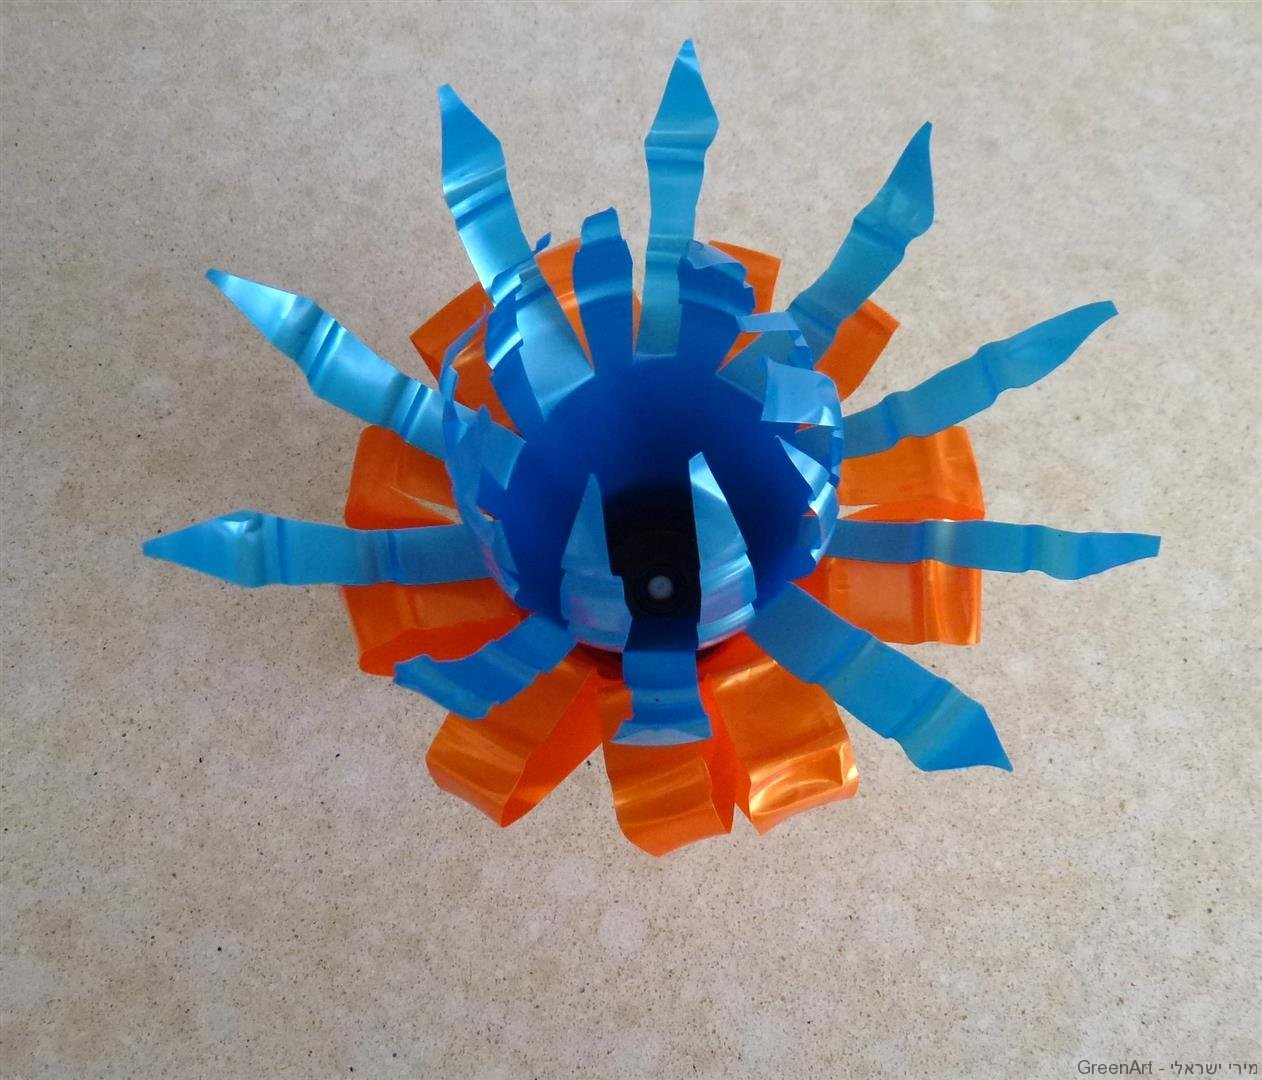 פרח צבעוני מרהיב מ2 בקבוקי פלסטיק צבעוניים